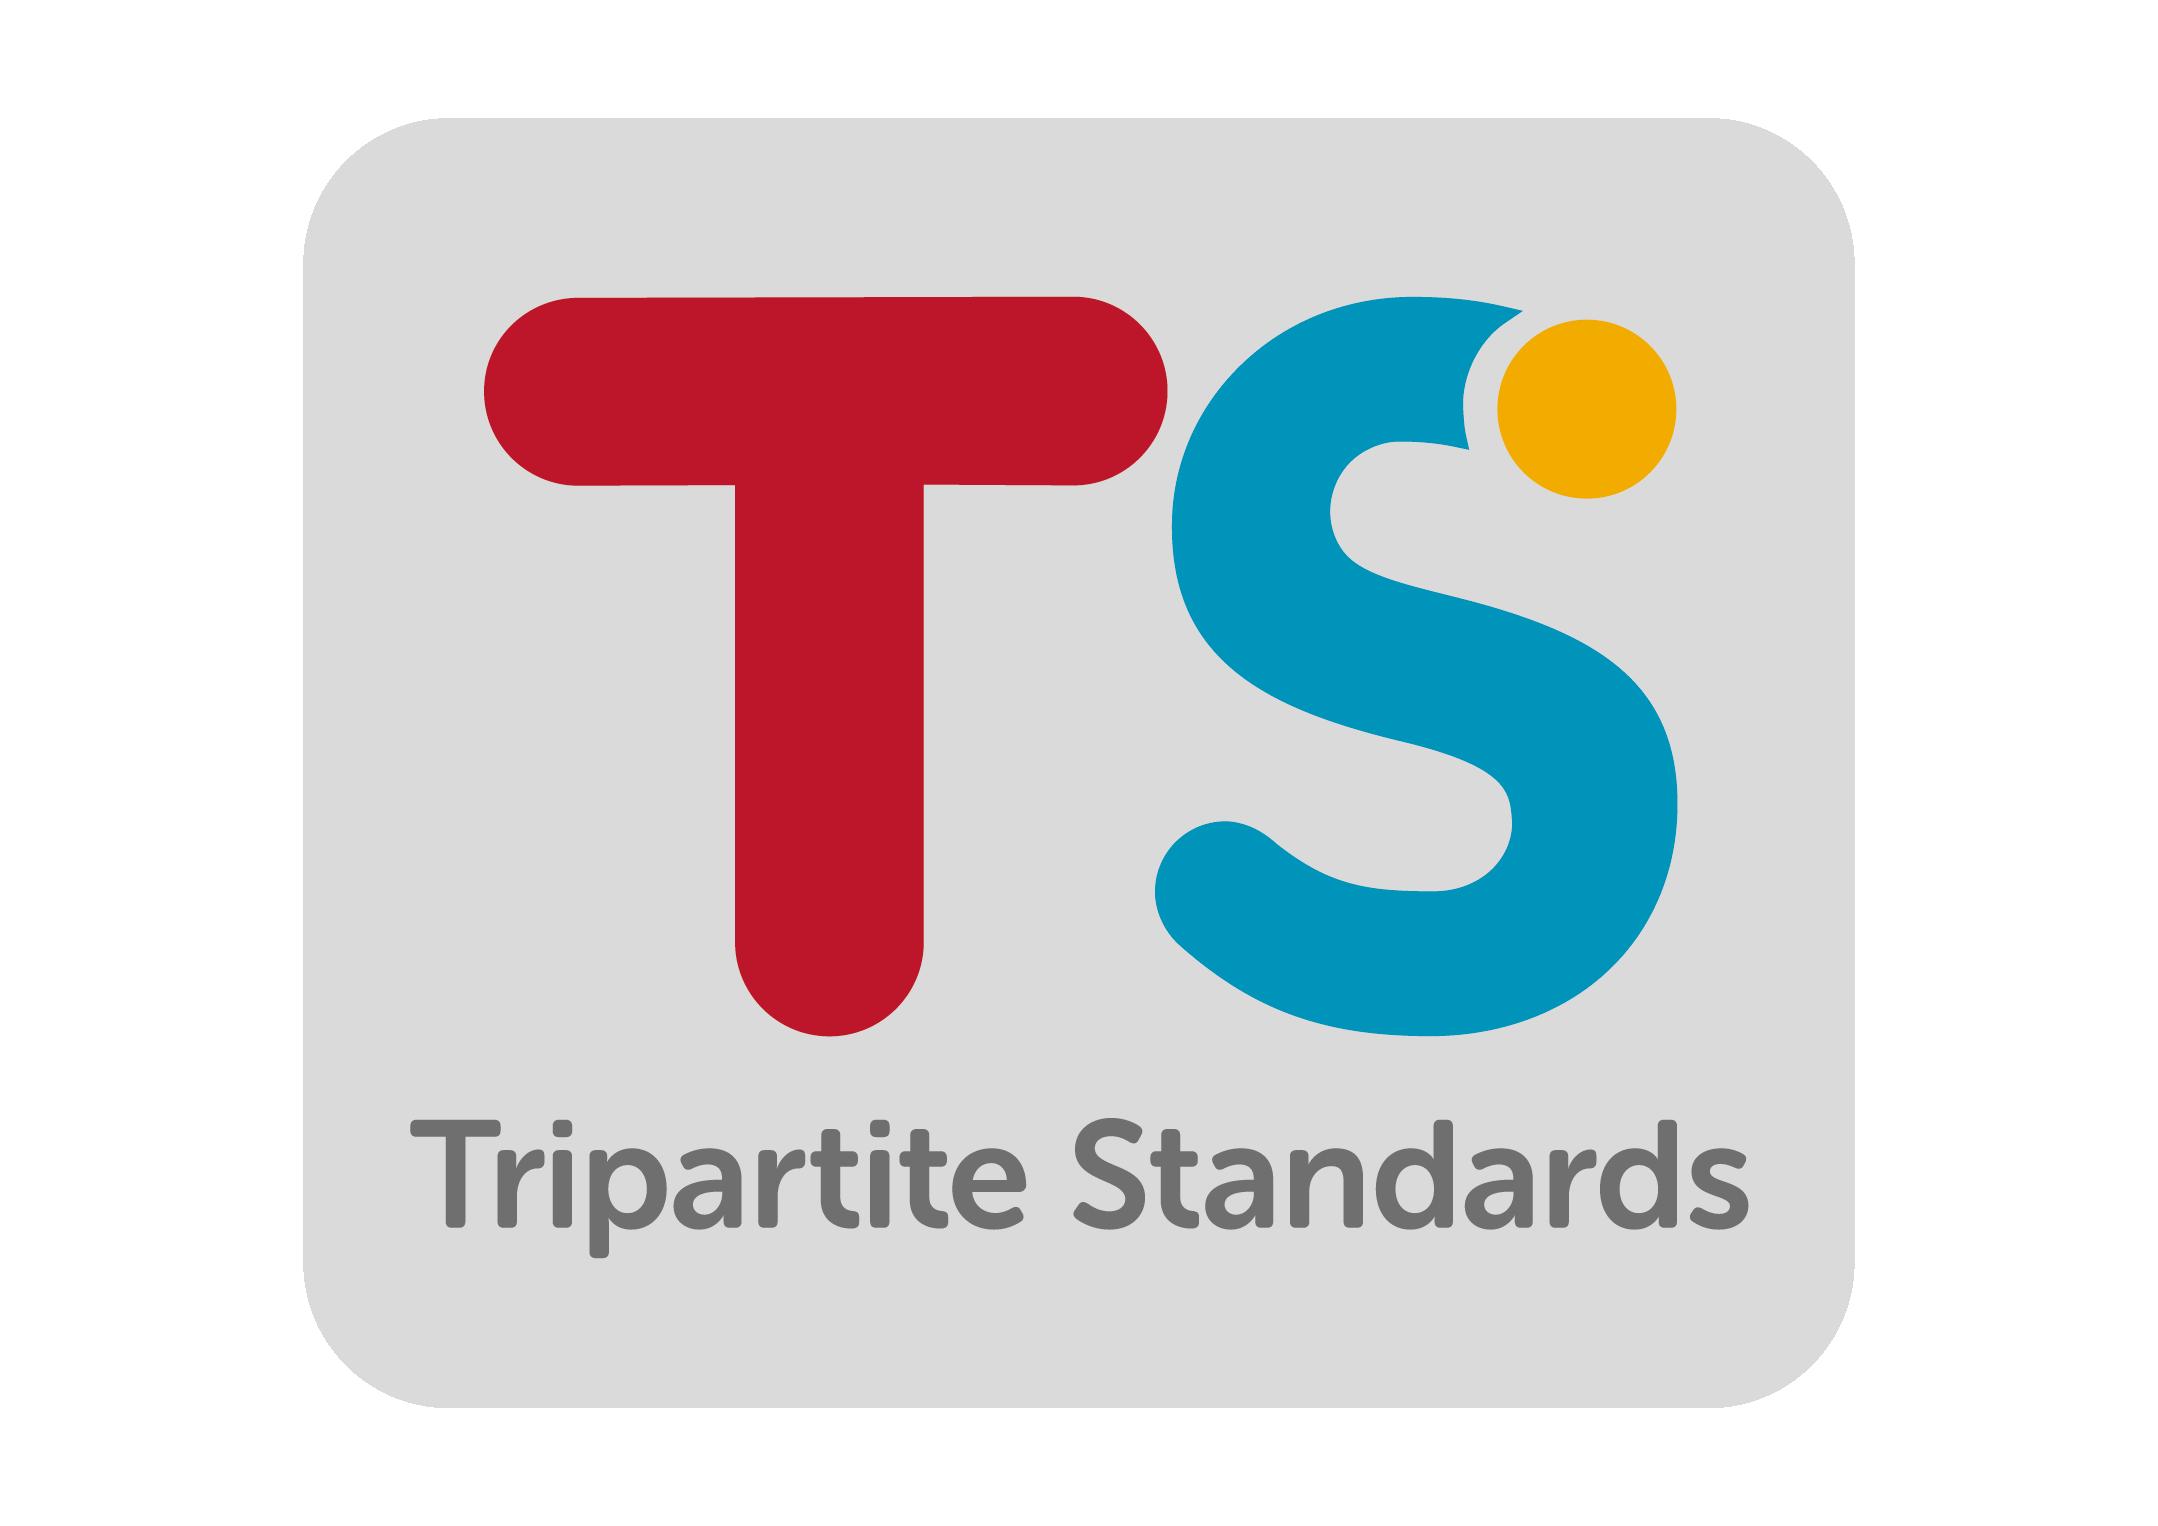 Tripartite Fine Work Service Enterprise